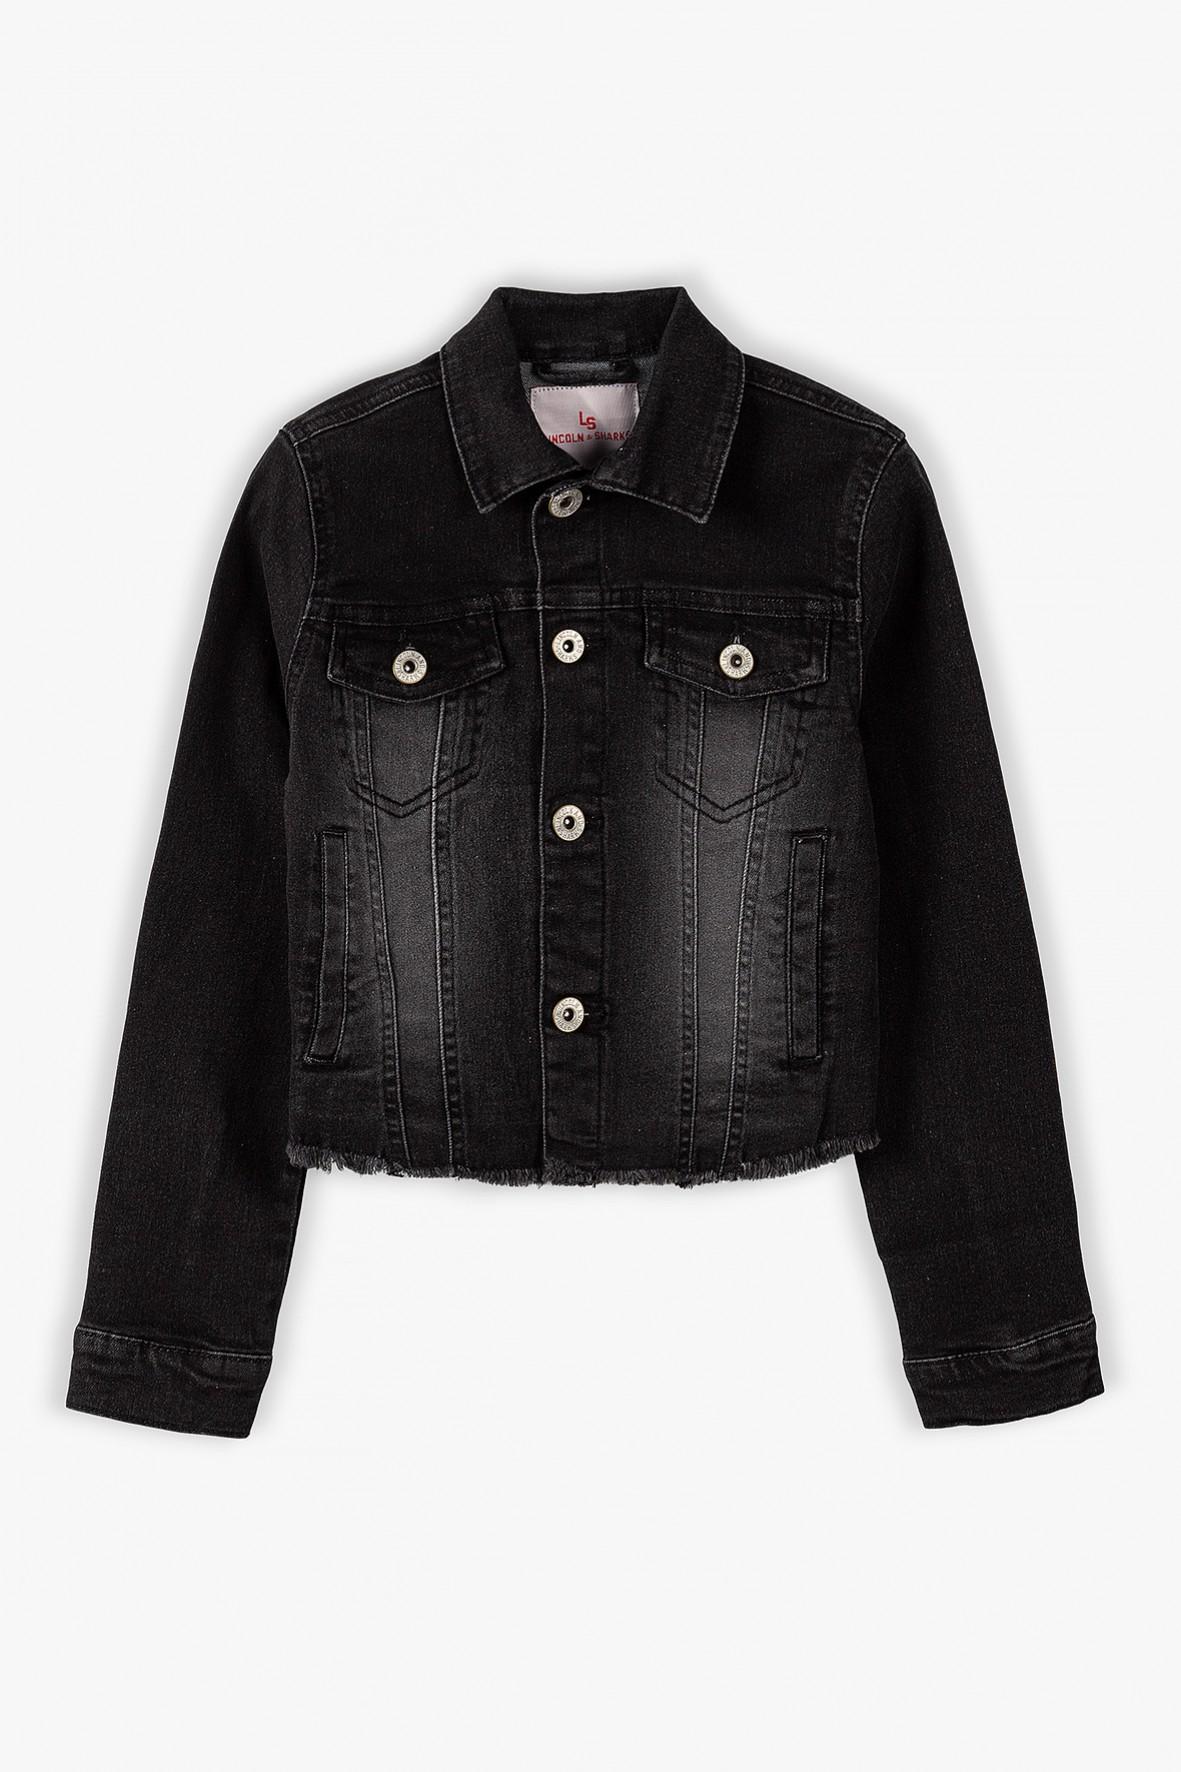 Kurtka jeansowa dziewczęca w kolorze czarnym